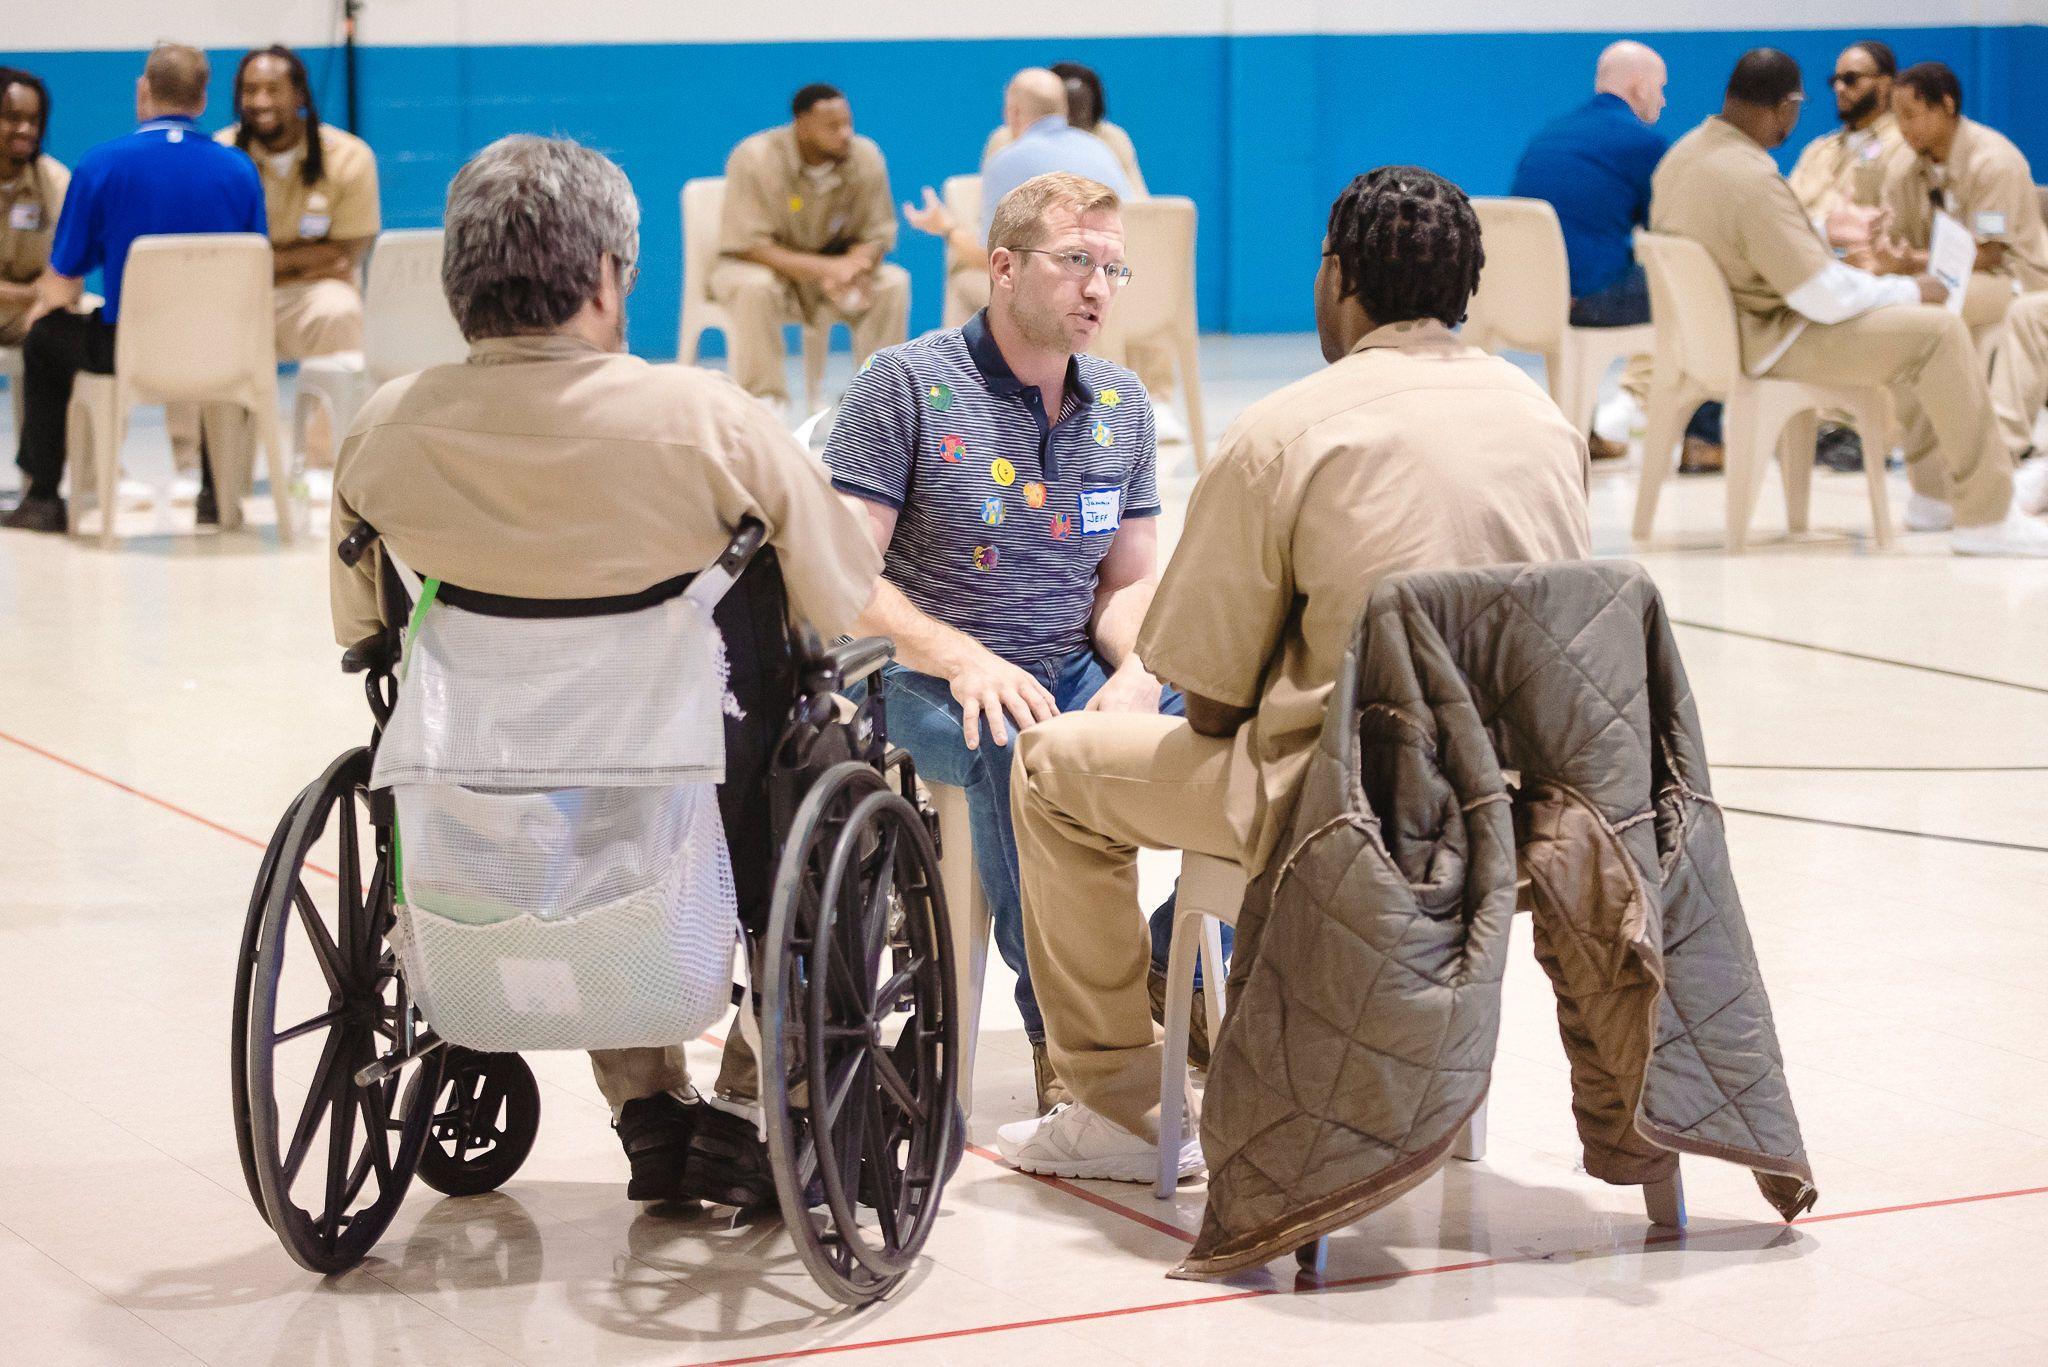 Nebraska State Penitentiary Coaching Day